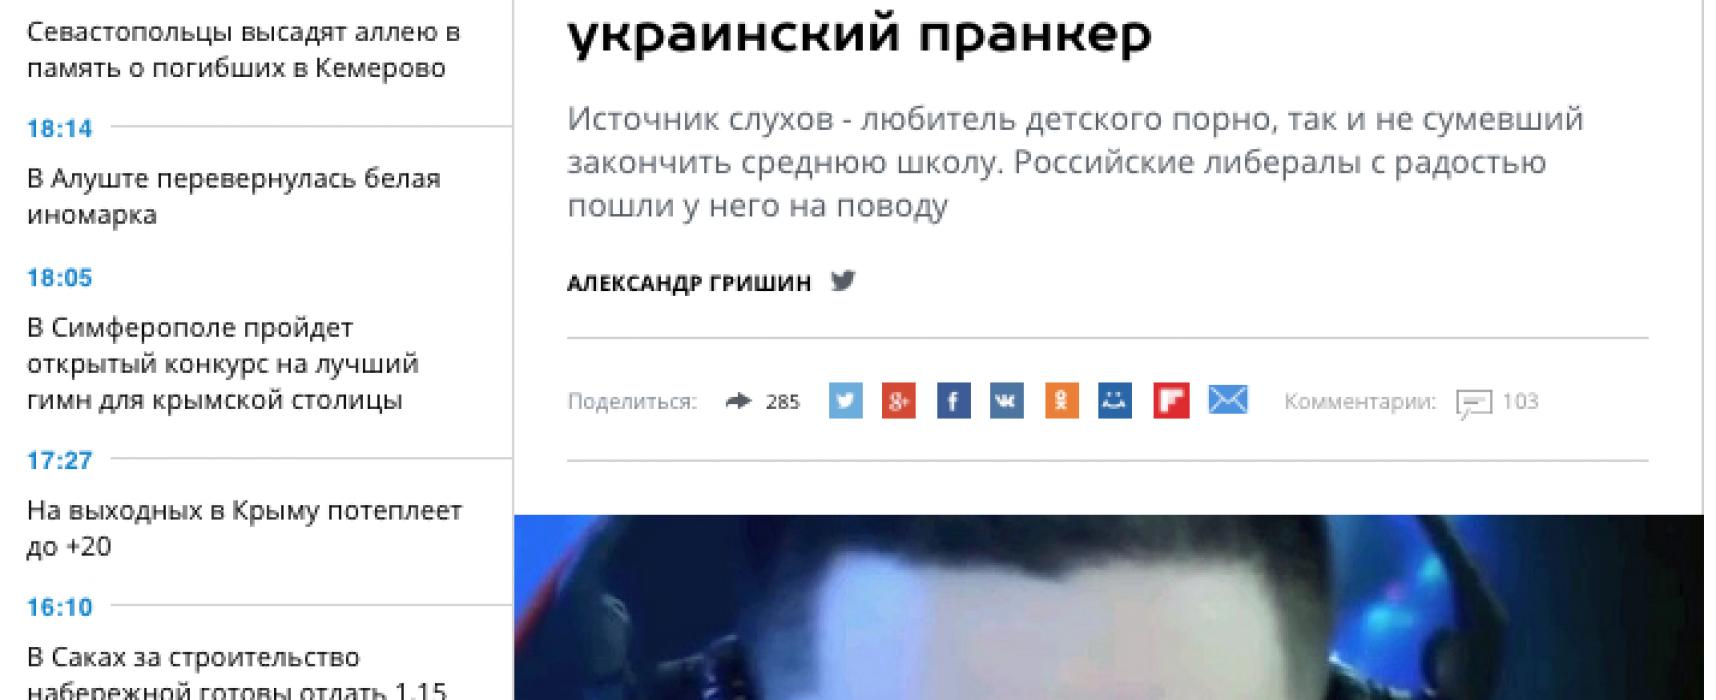 """Украинский след в Кемерово: """"неожиданные версии"""" российских СМИ"""